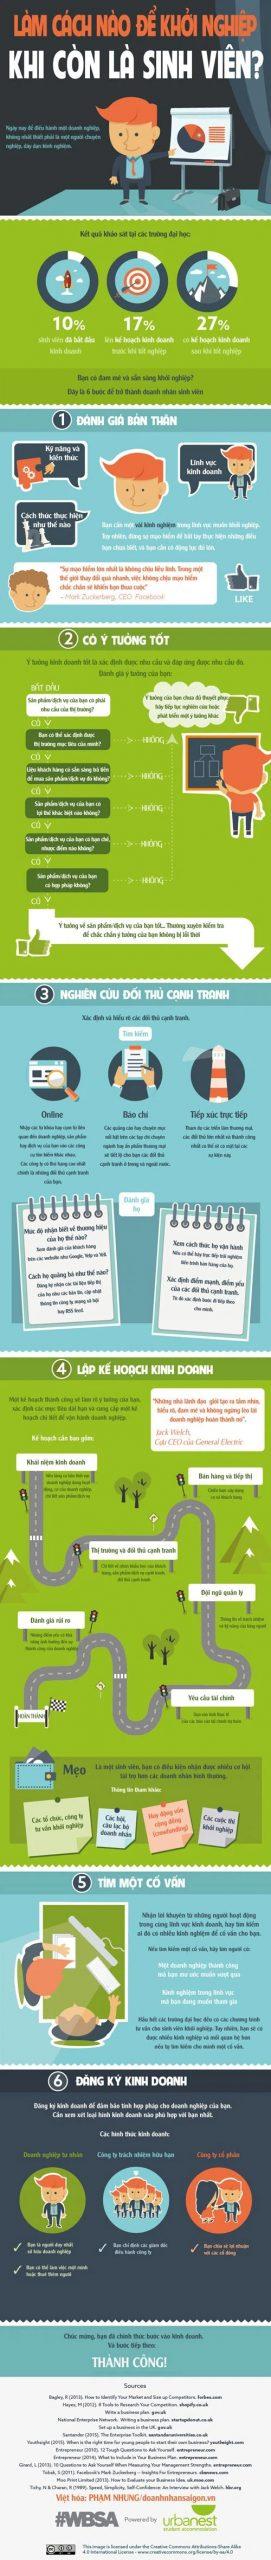 [Infographic] 6 bước để sinh viên khởi nghiệp thành công